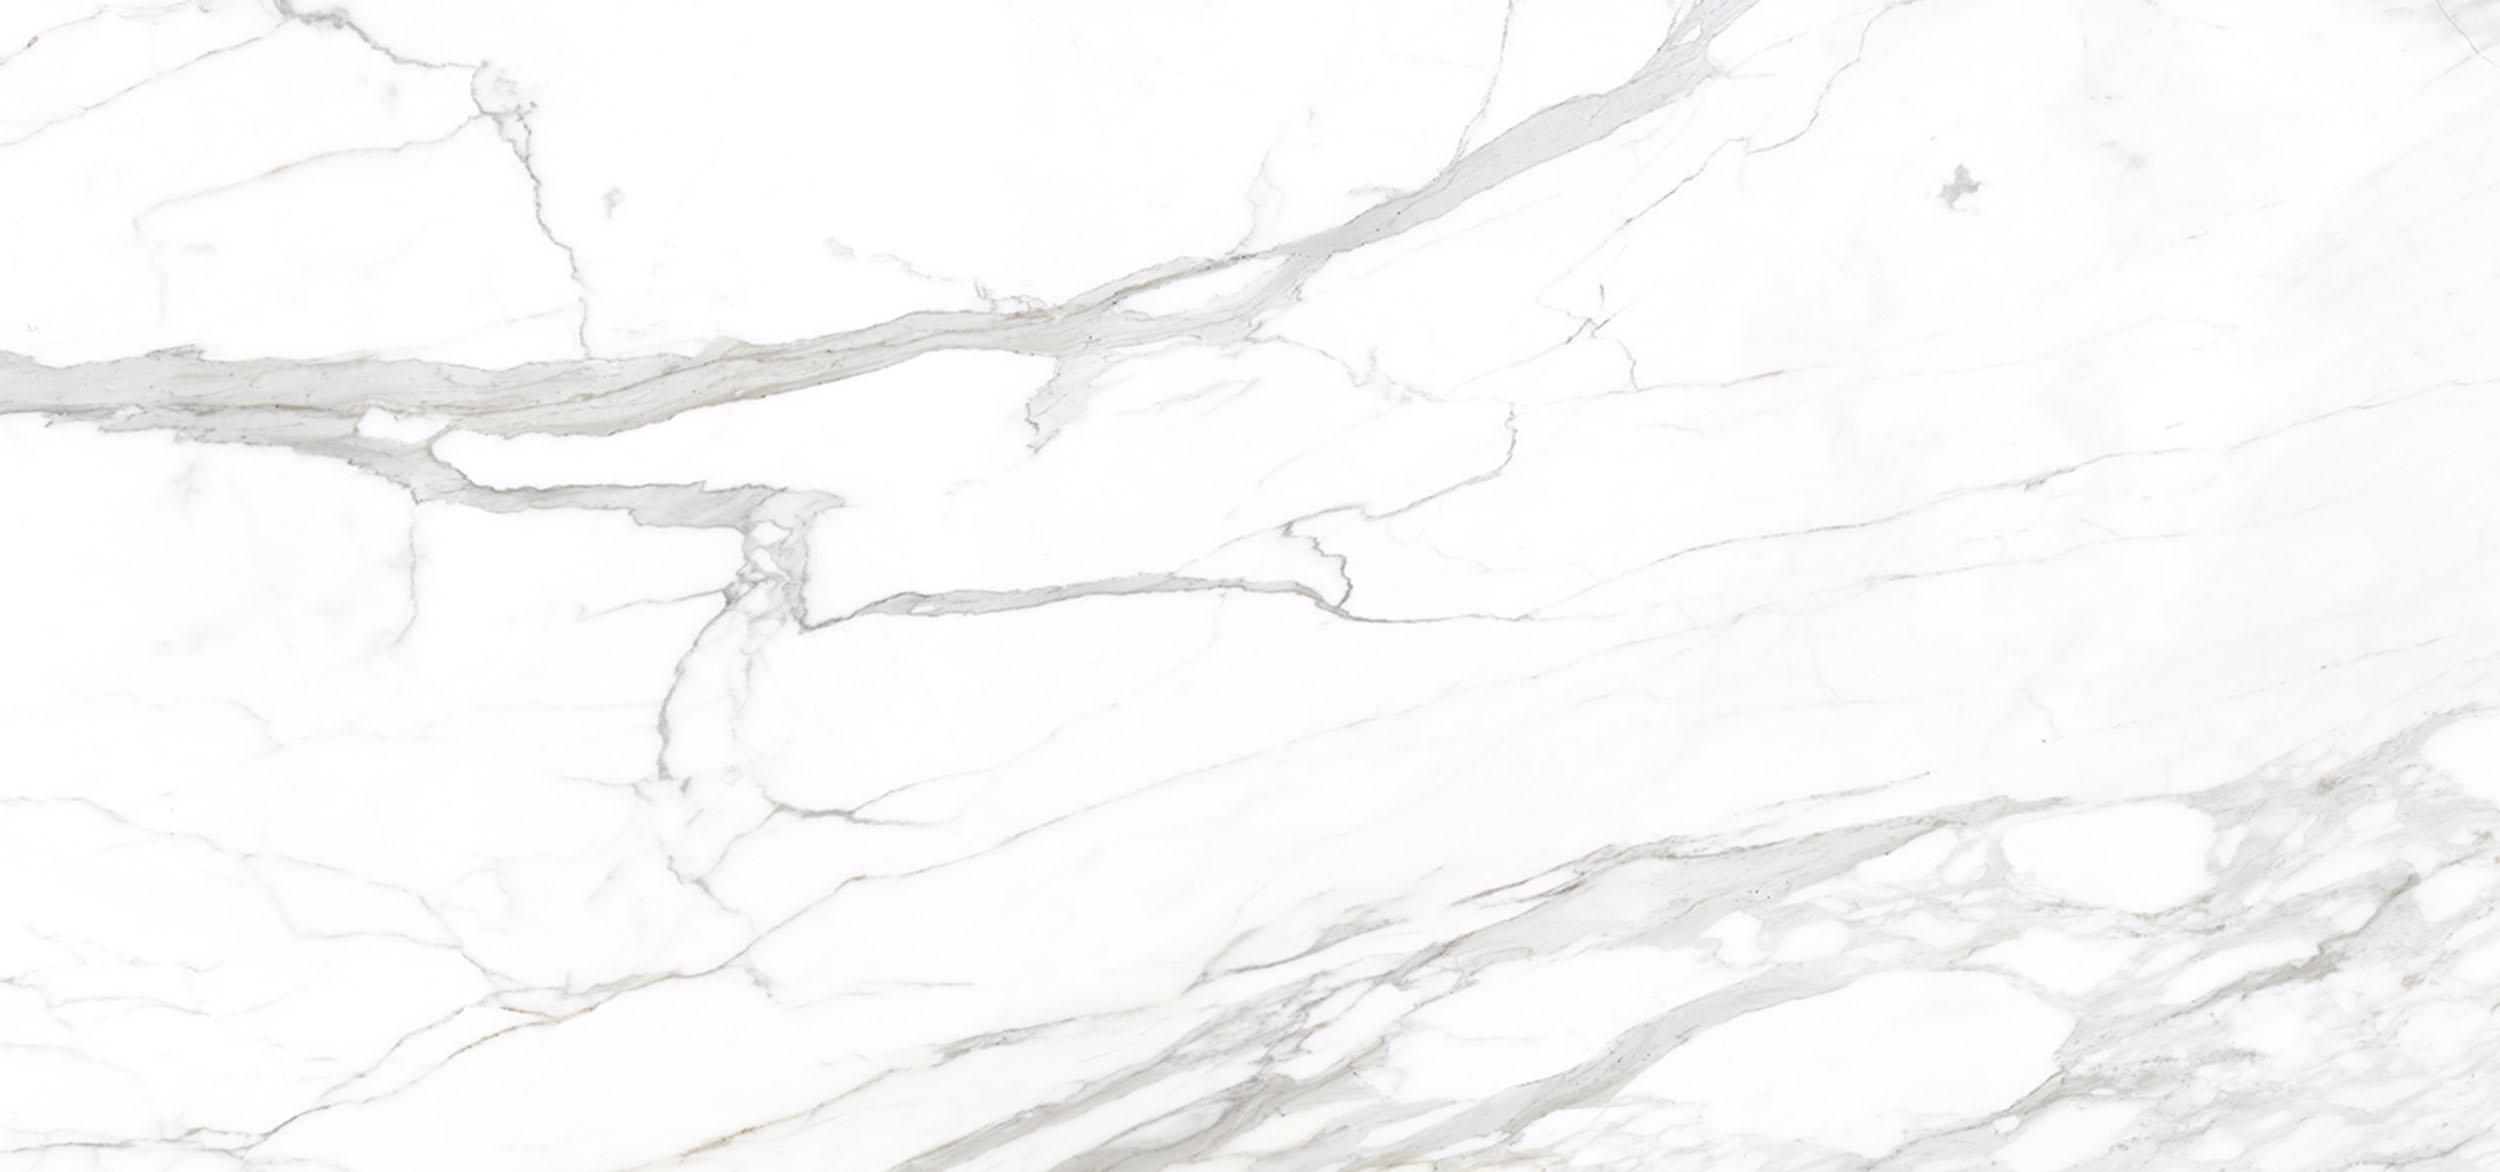 estatuario-e04r.jpg